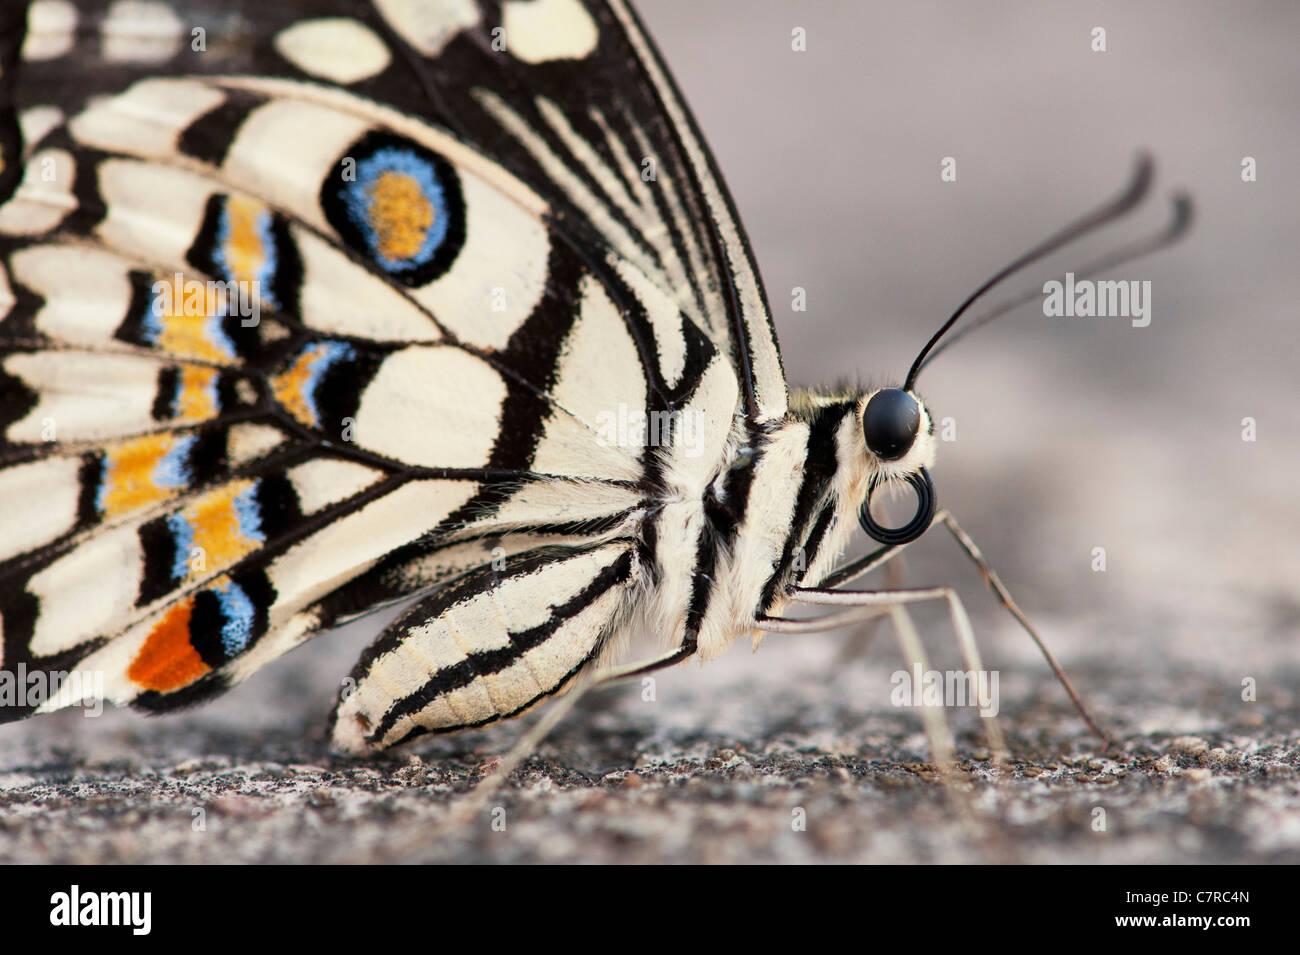 Papilio demoleus . Cal butterfly Imagens de Stock